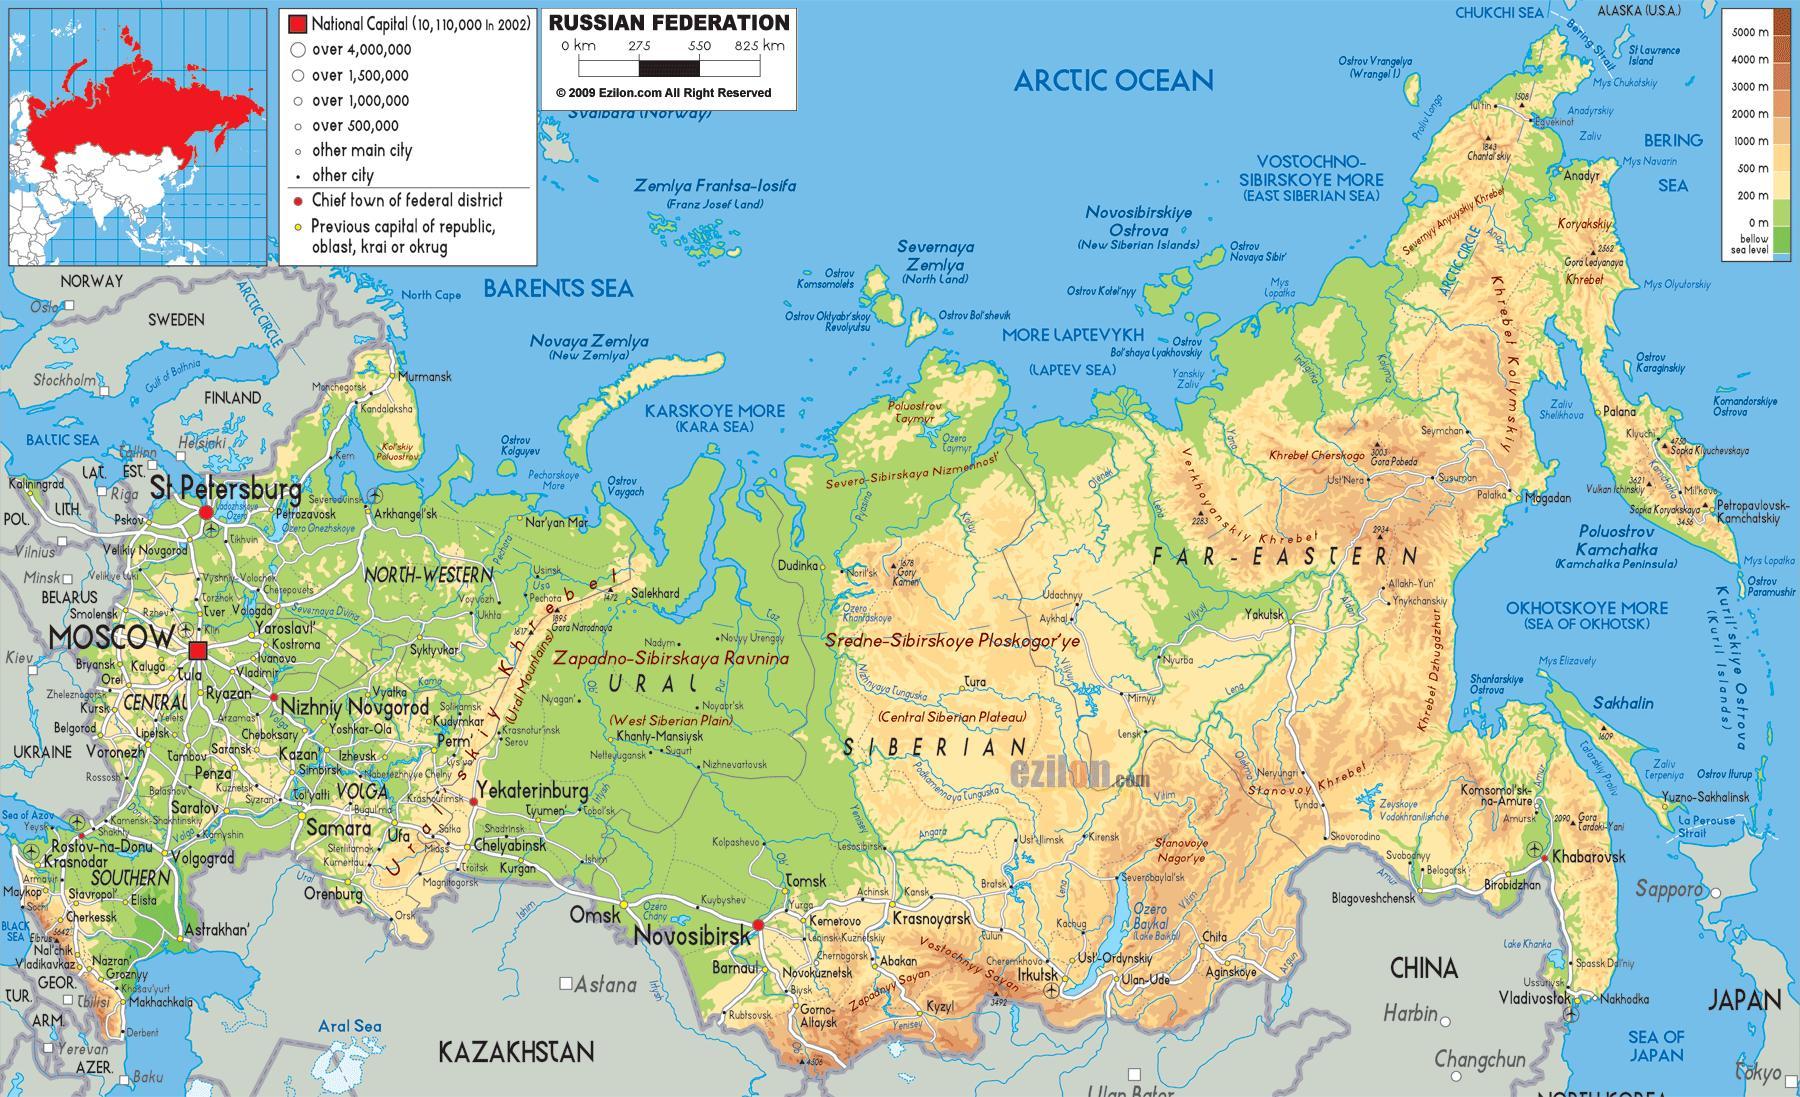 karta rusije Moskva Rusija karta Rusije kartica u Moskvi (Rusija) karta rusije